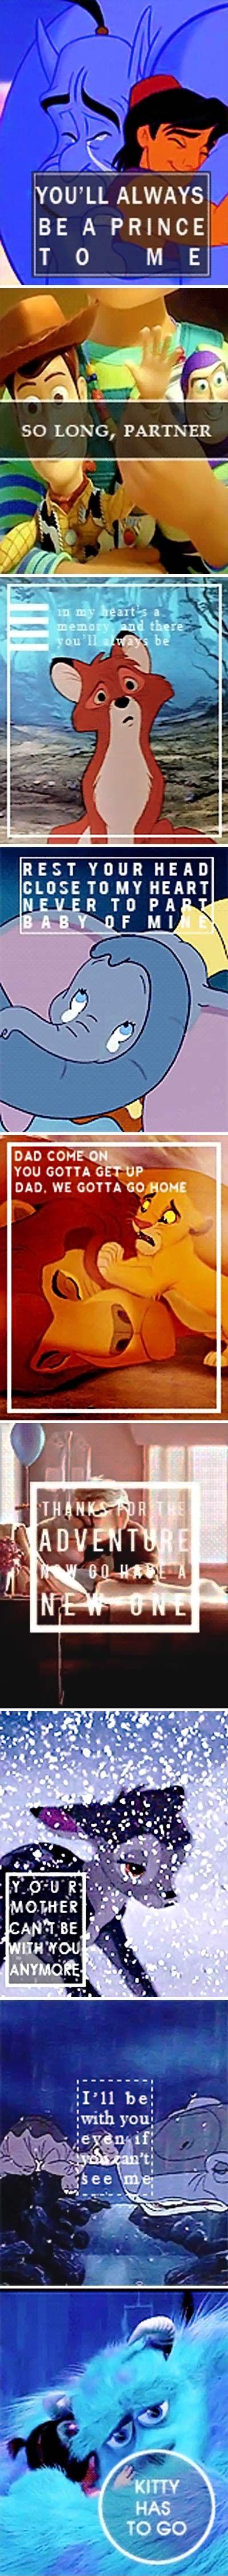 Dem Feels Disney Magic Disney Movies Disney Quotes